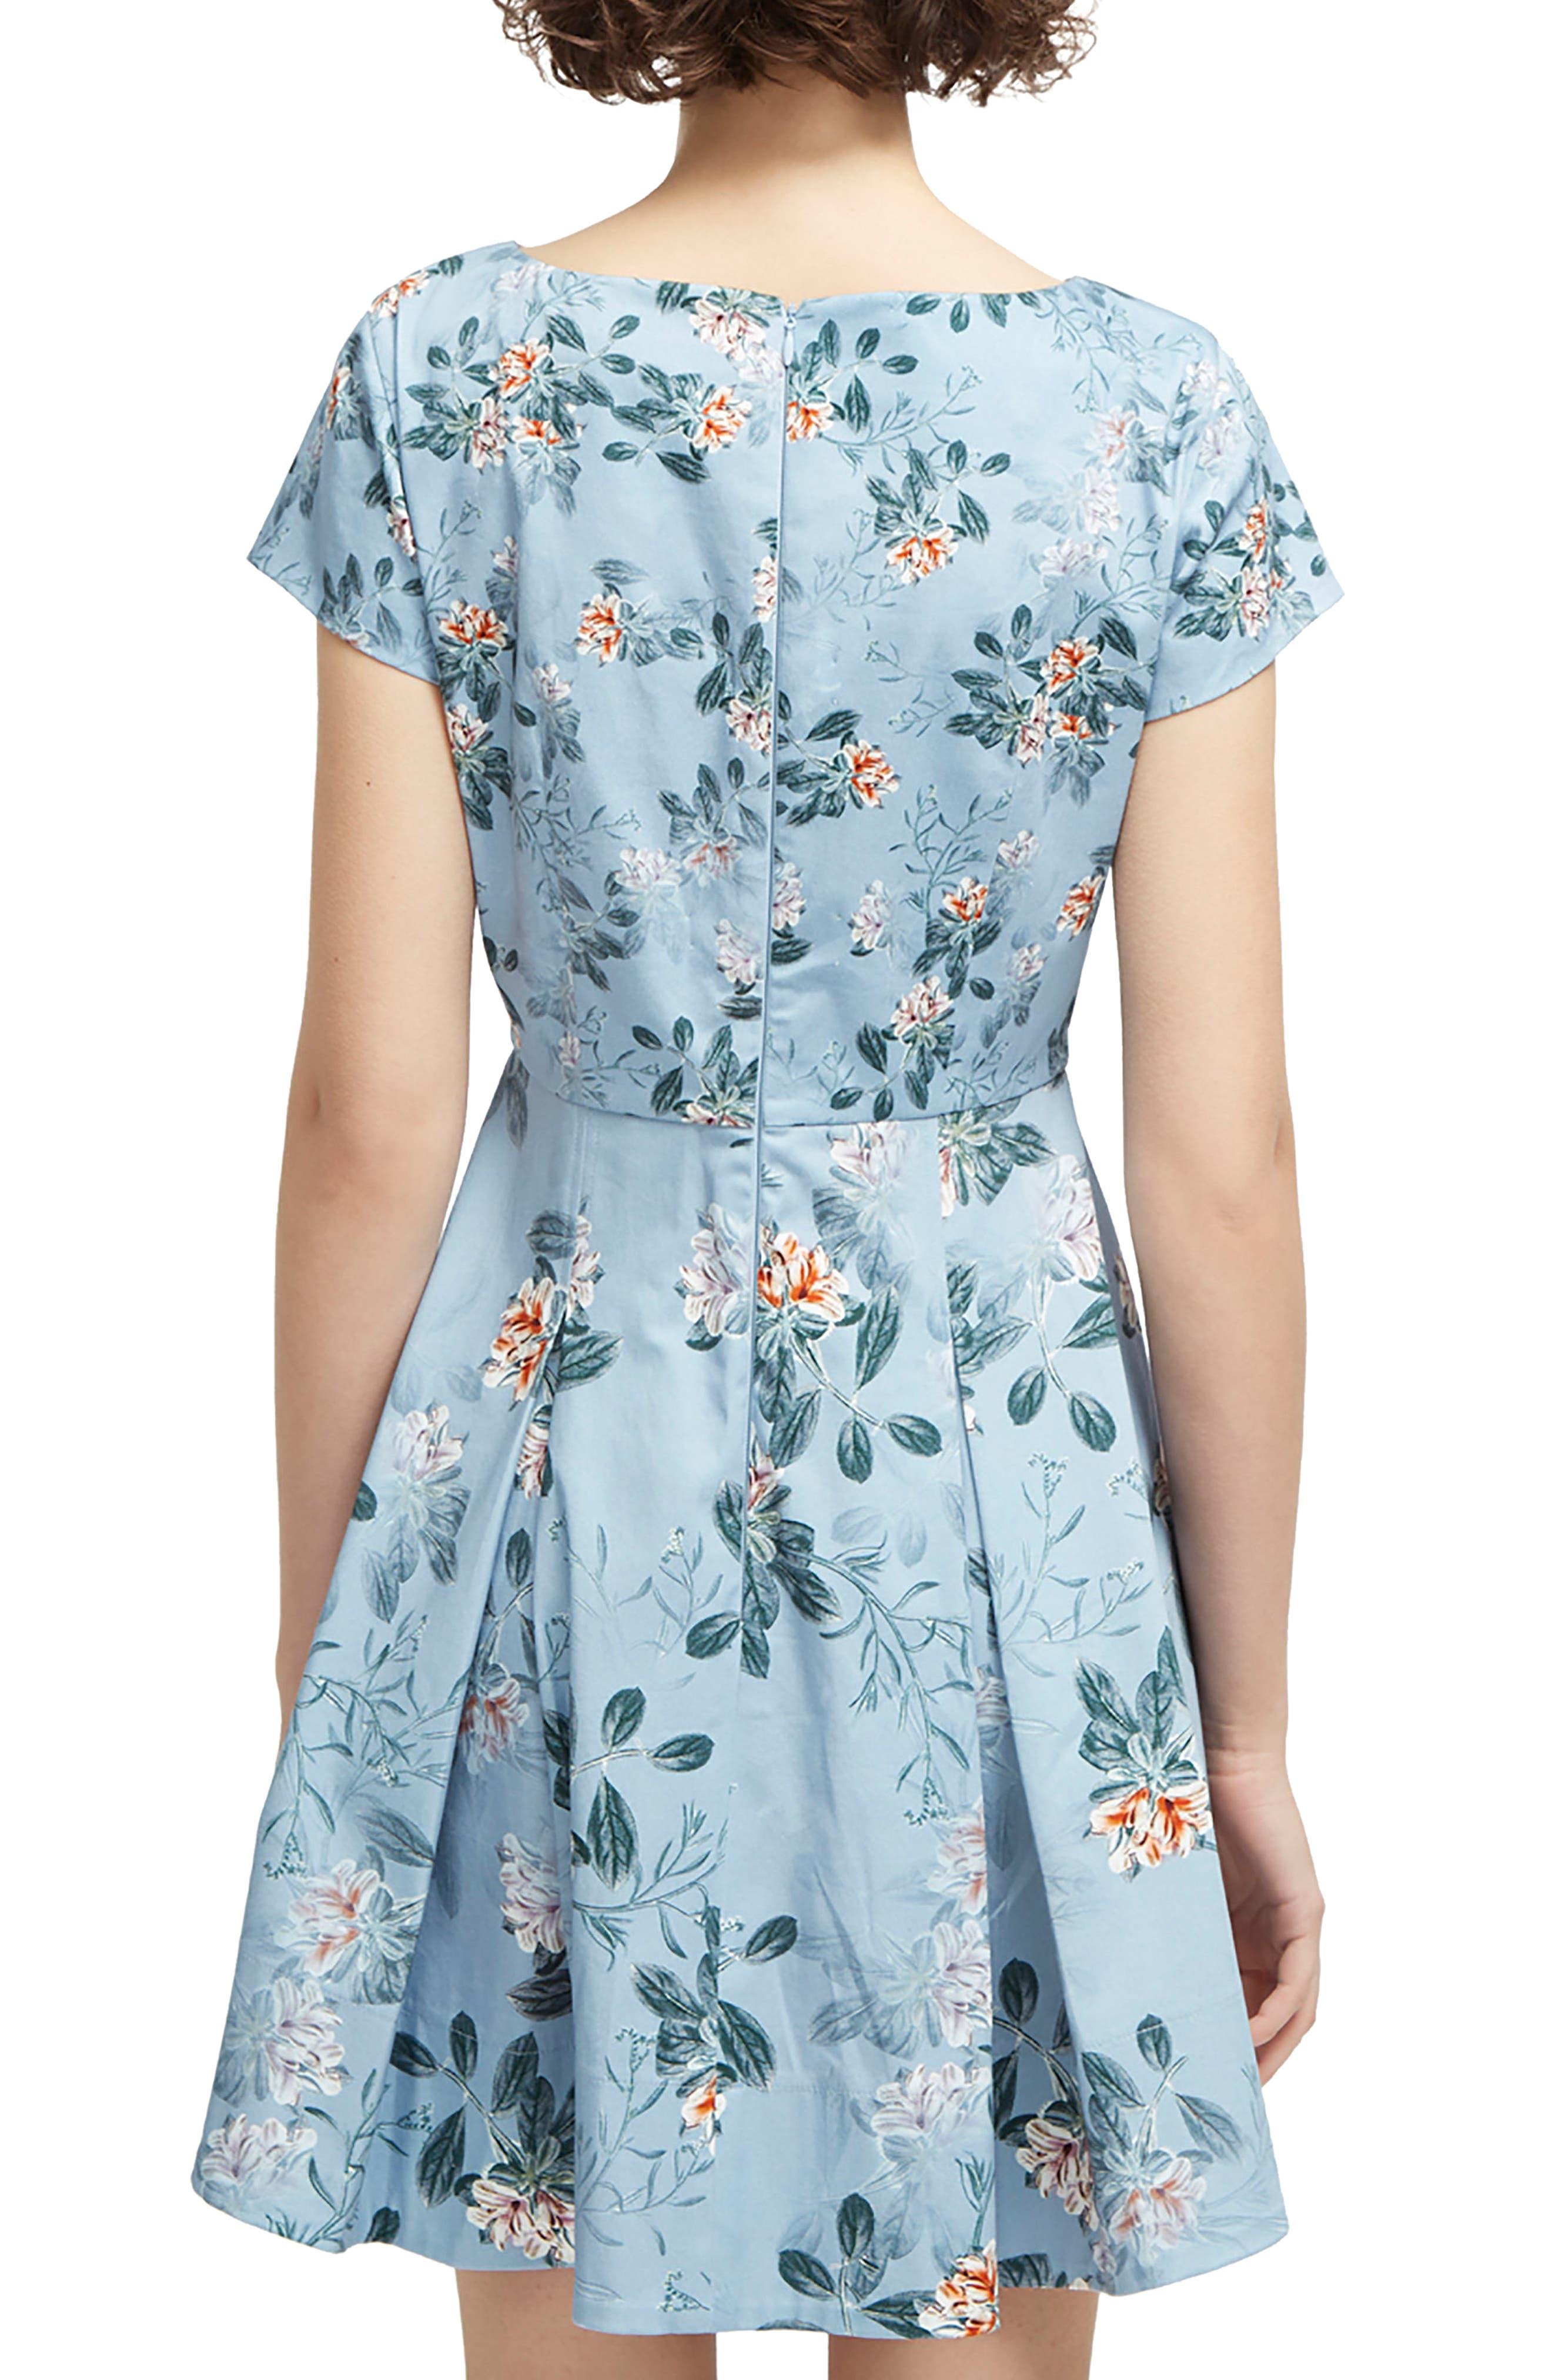 Kioa Fit & Flare Dress,                             Alternate thumbnail 2, color,                             Pavilion Blue Multi